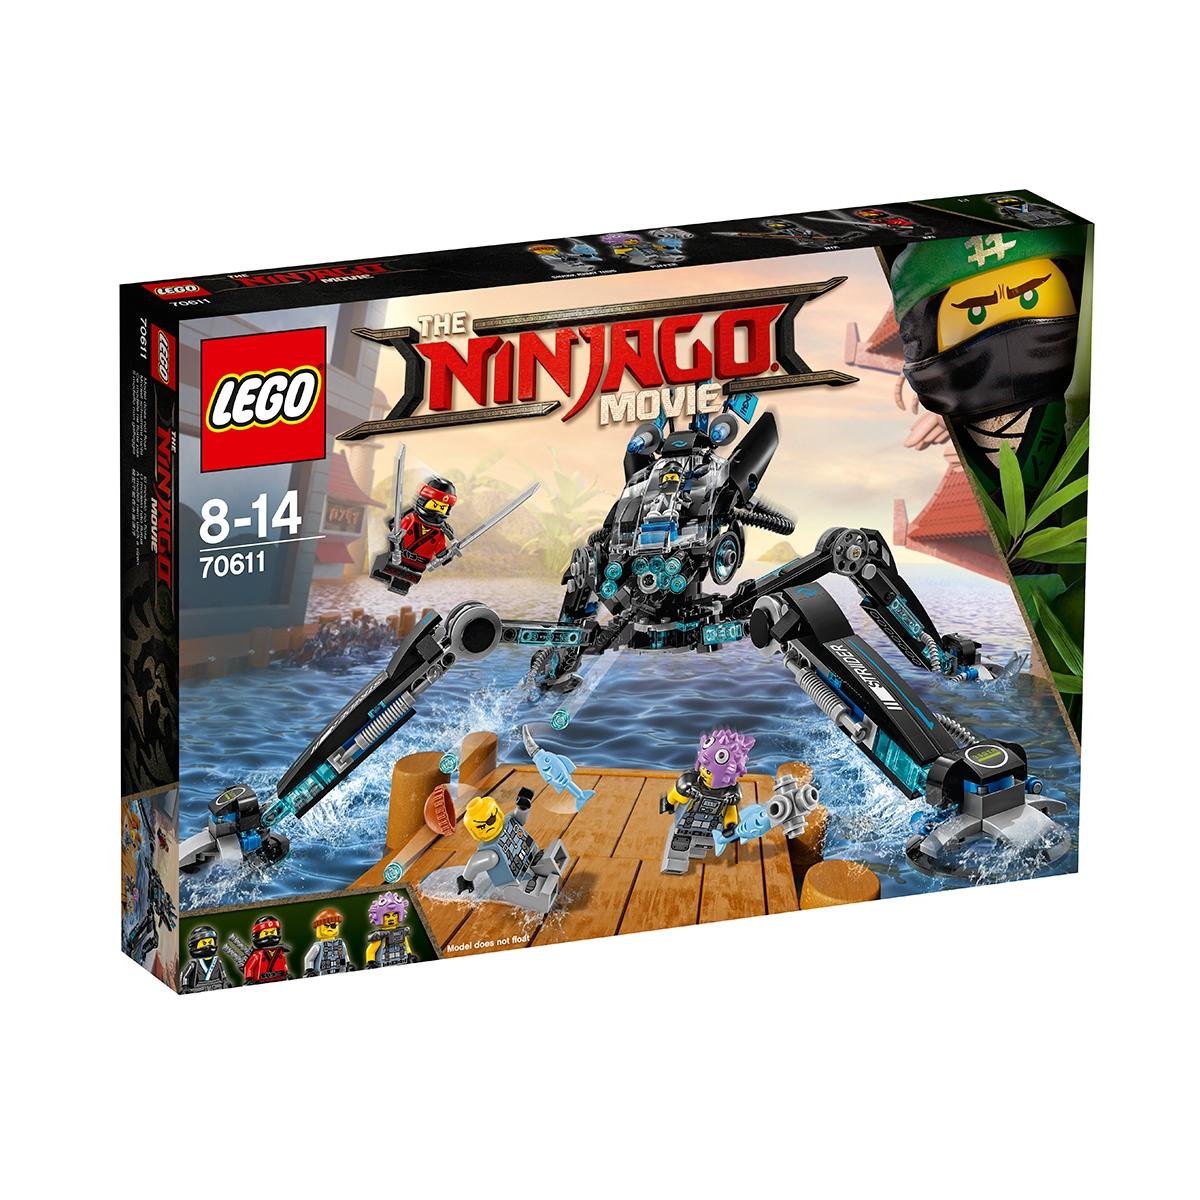 lego® ninjago - paianjen de apa (70611)